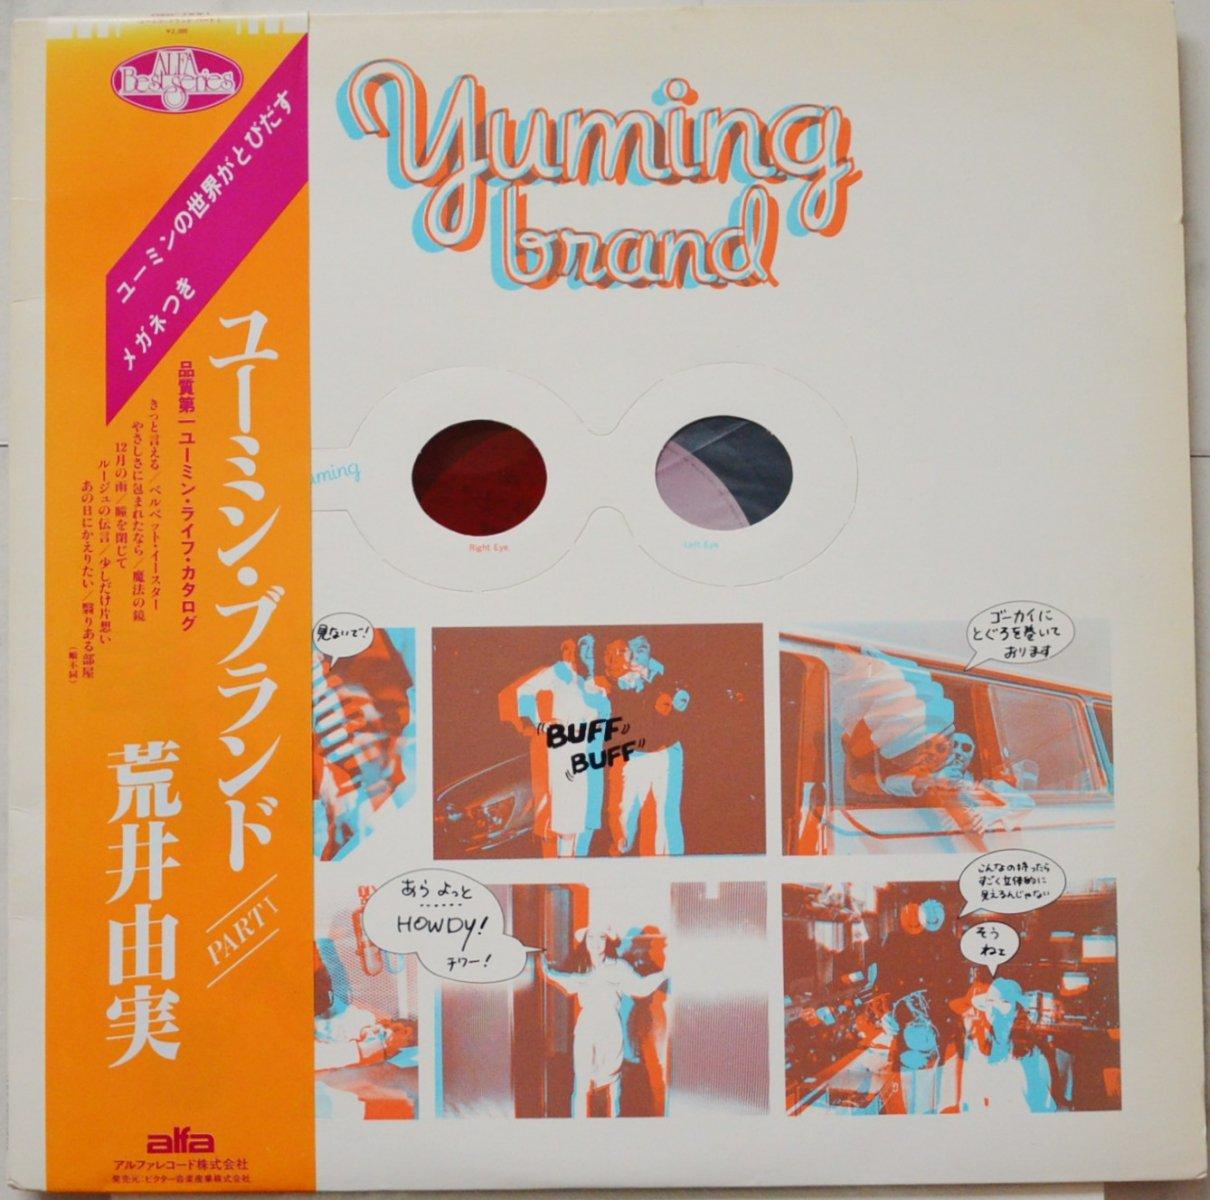 荒井由実 YUMI ARAI / ユーミン・ブランド YUMING BRAND (LP)